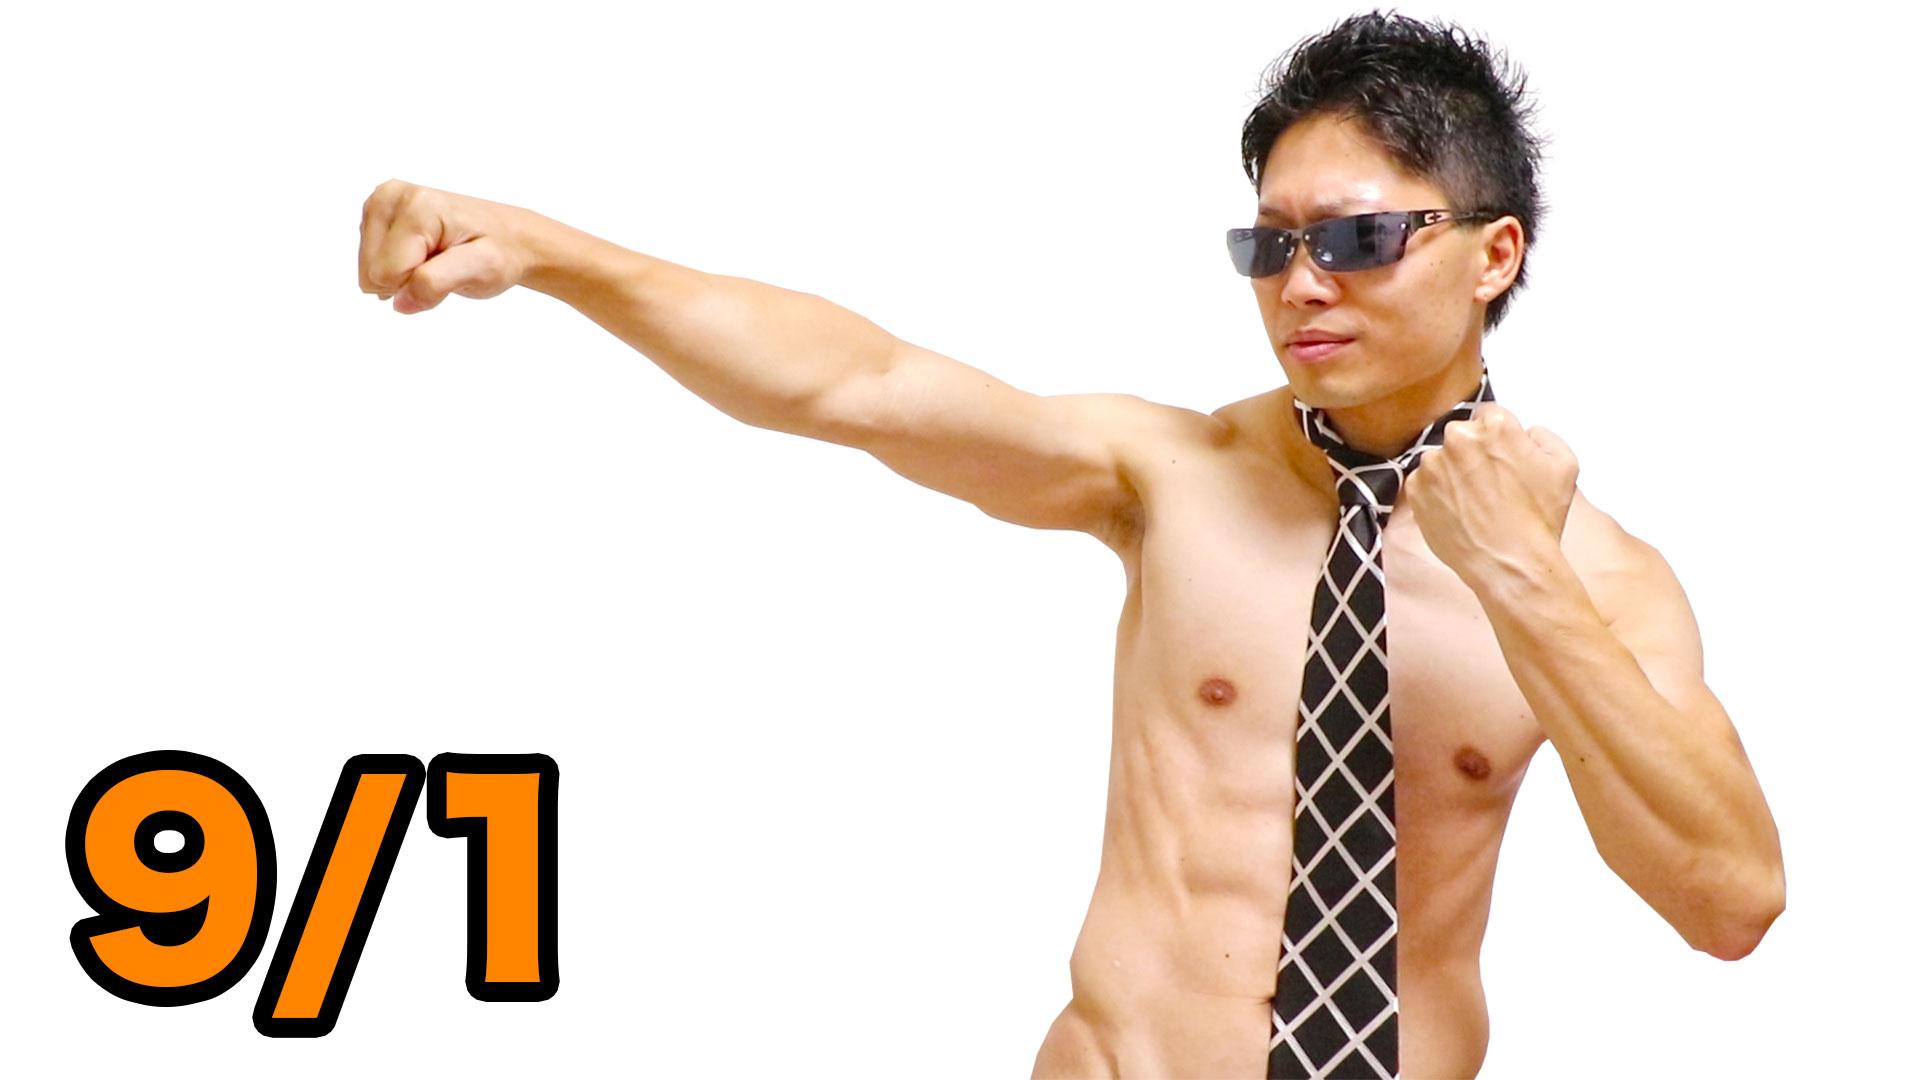 【ハロウィン筋トレ】9/1の腹筋を割る運動メニュー!